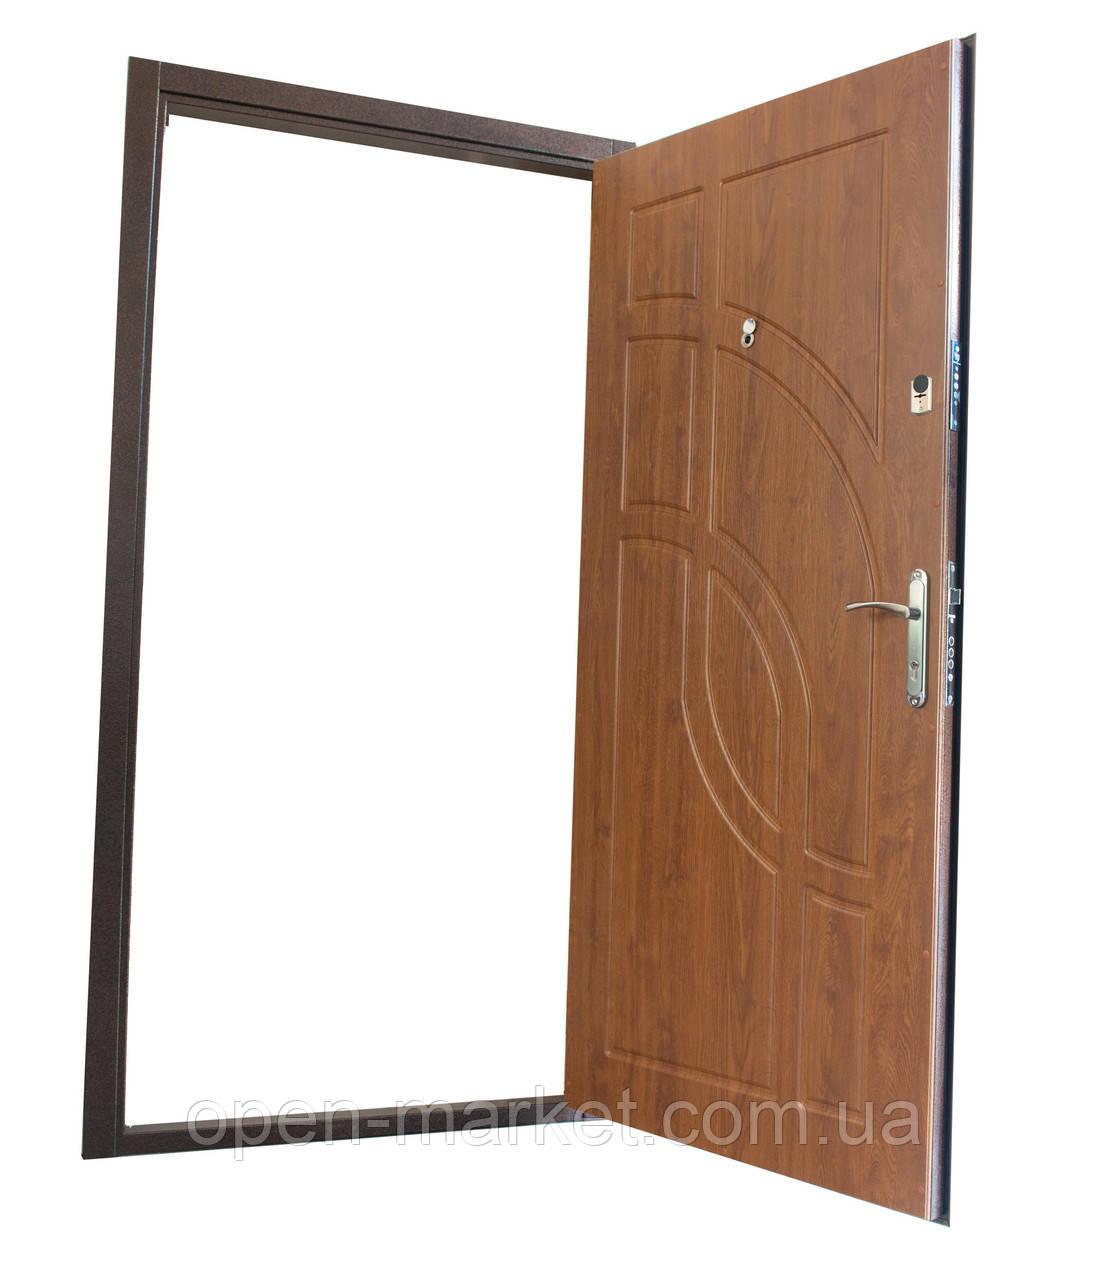 Двери уличные Баловное Николаевская область - OPEN в Николаеве